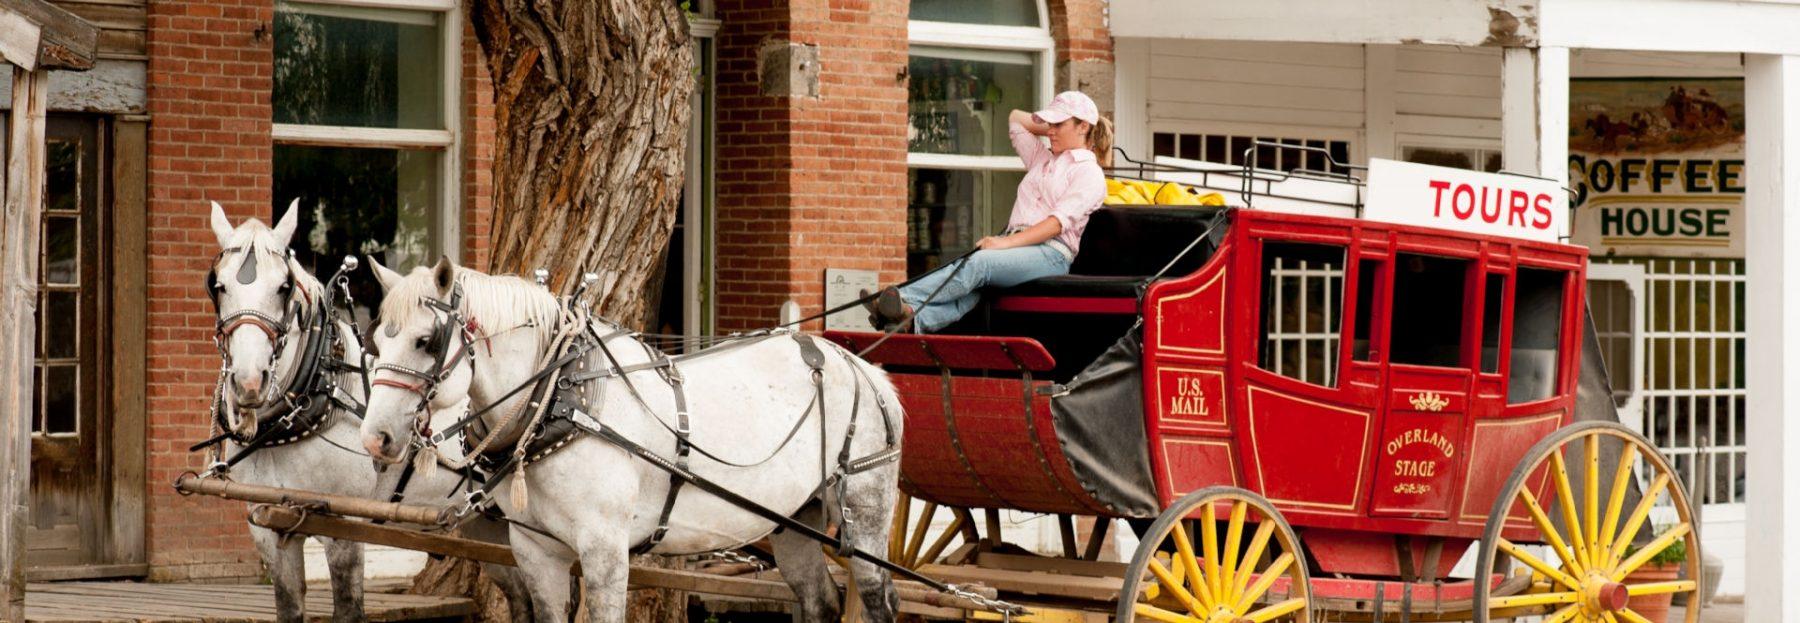 Viaggio nella Real America Virginia City